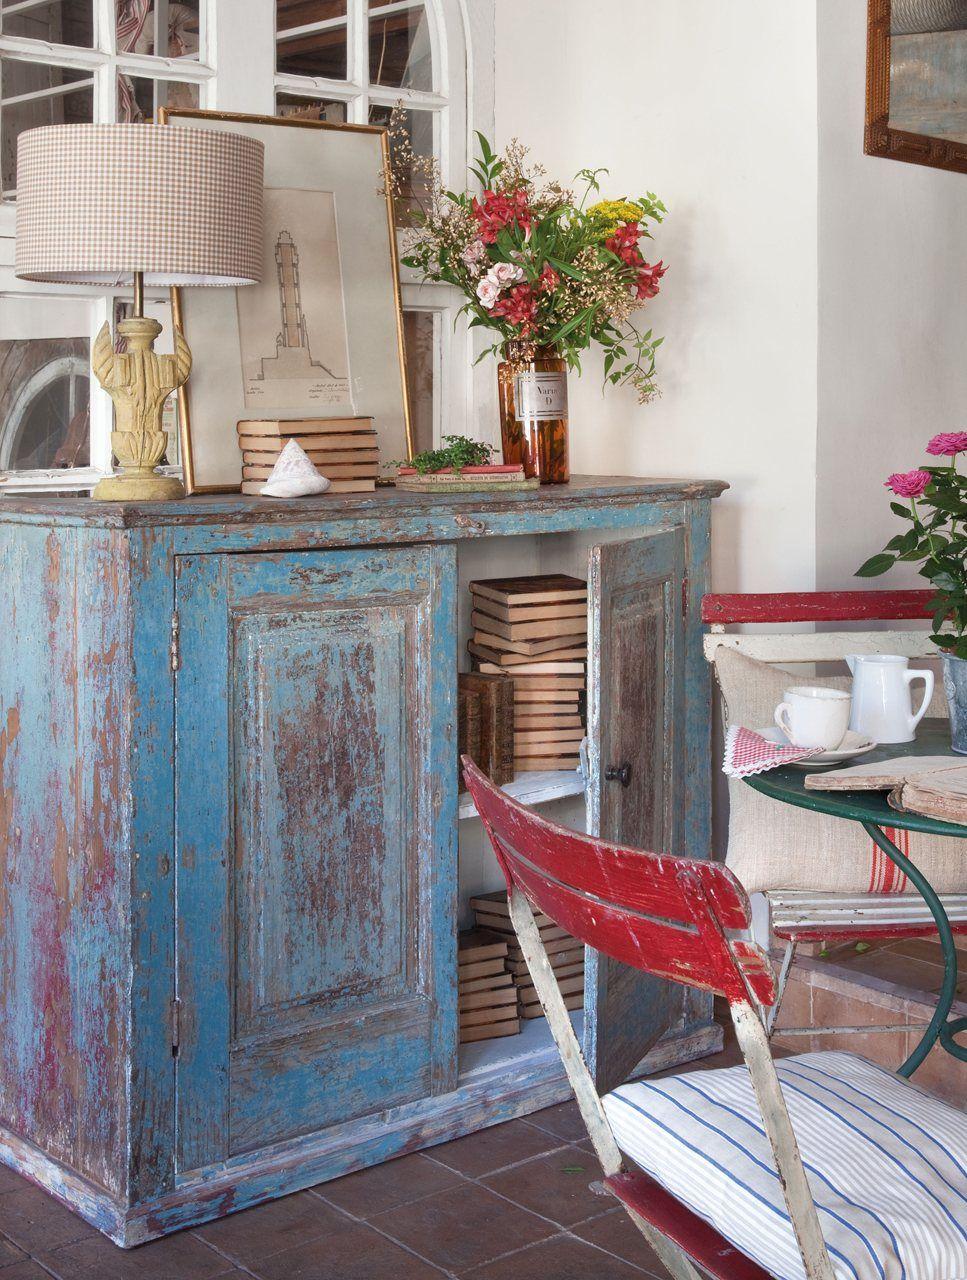 Antiguo pero colorido pintar un mueble antiguo es una - Pintar mueble antiguo ...